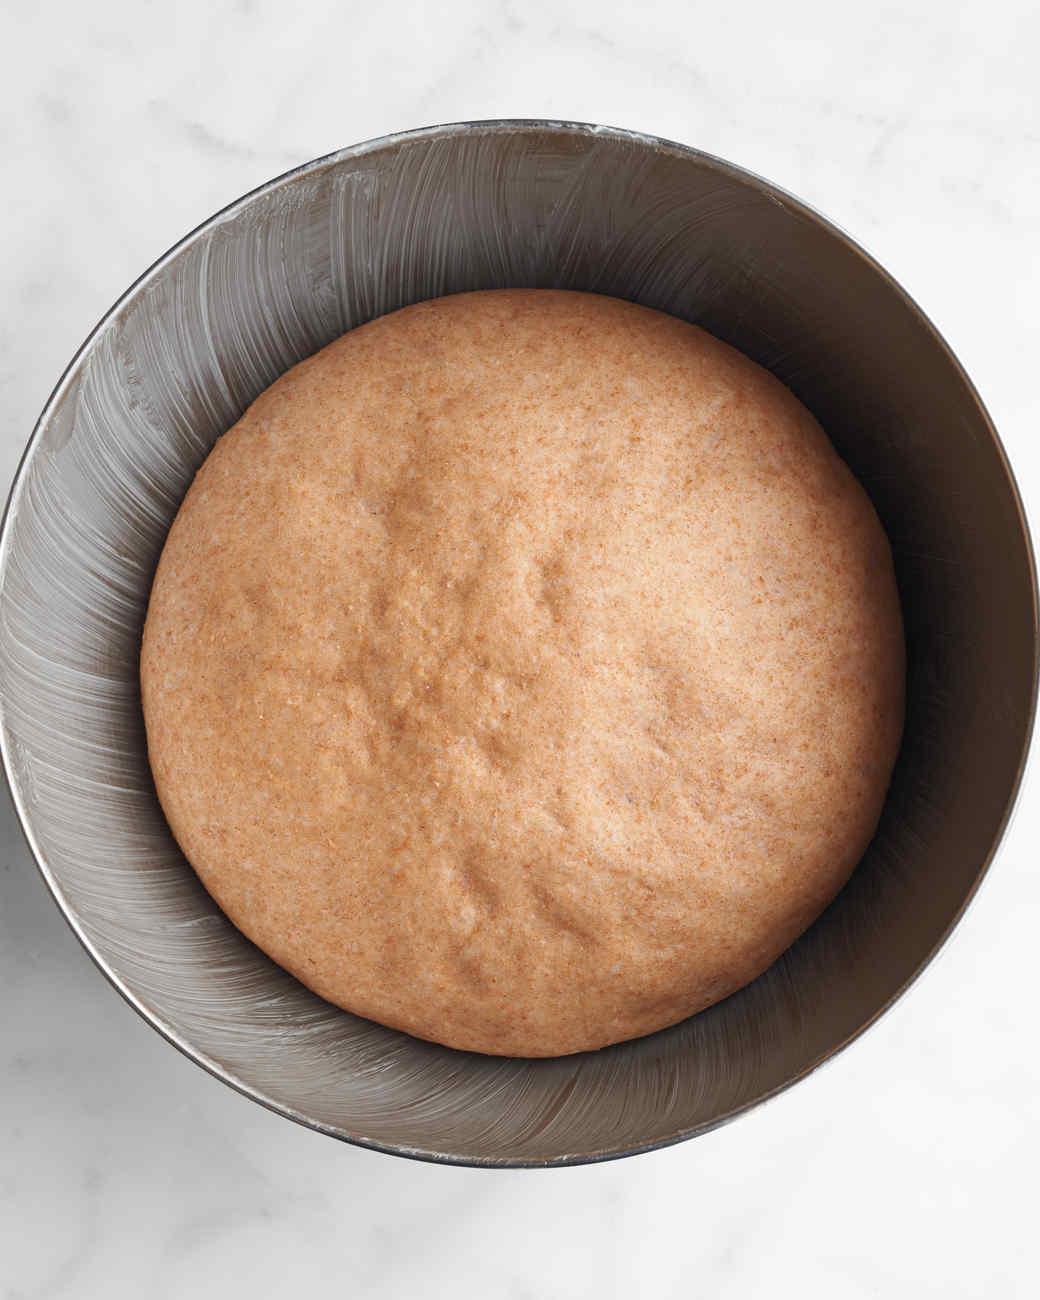 sticky-buns-125-md110606.jpg